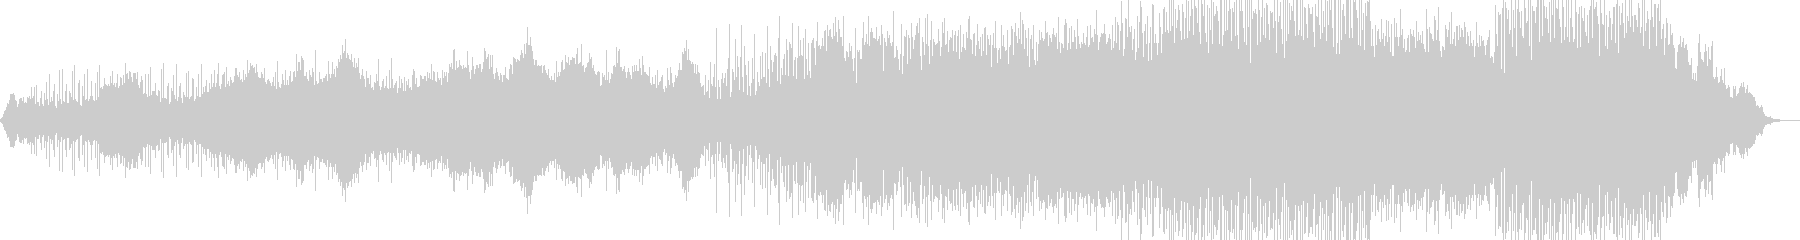 ミステリアスなニューエイジ音楽の未再生の波形